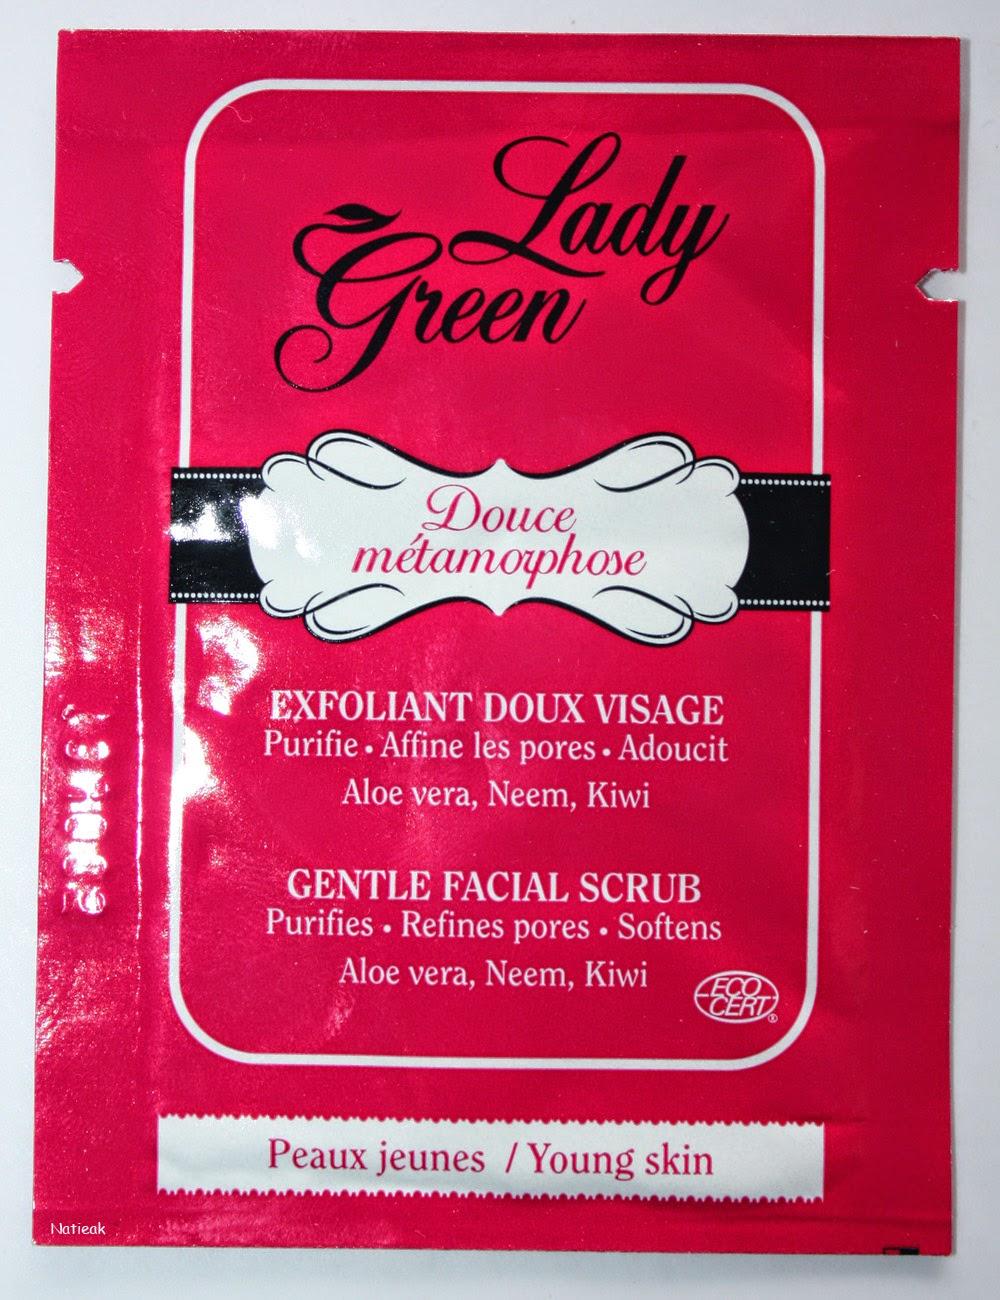 Marque bio pour les peaux jeunes Douce métamorphose de Lady Green